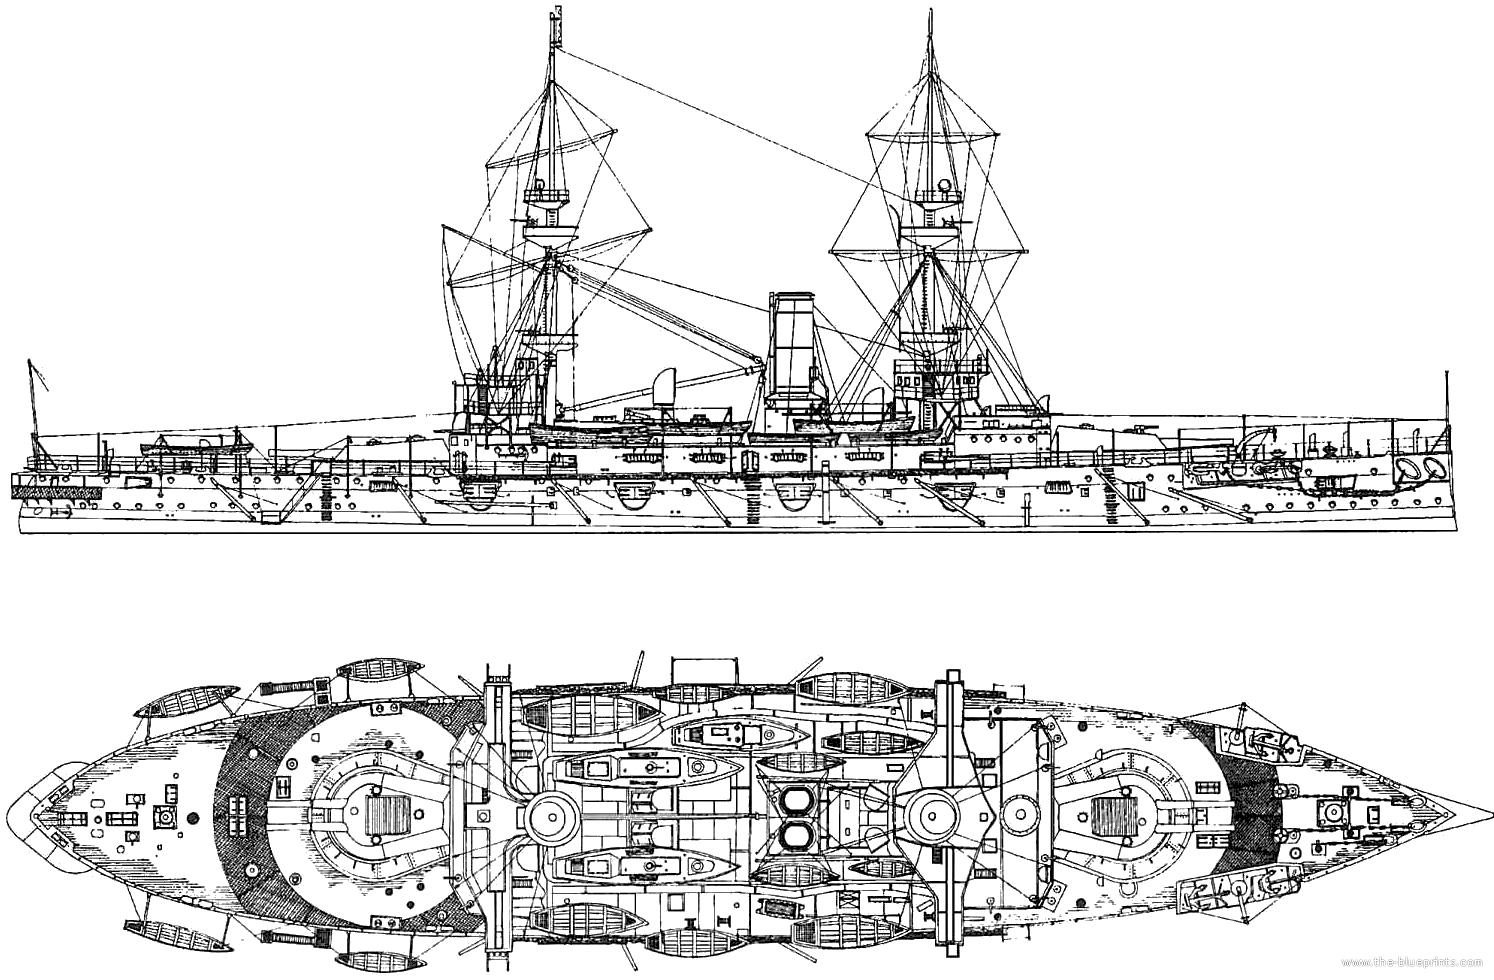 Hms Majestic Battleship Images